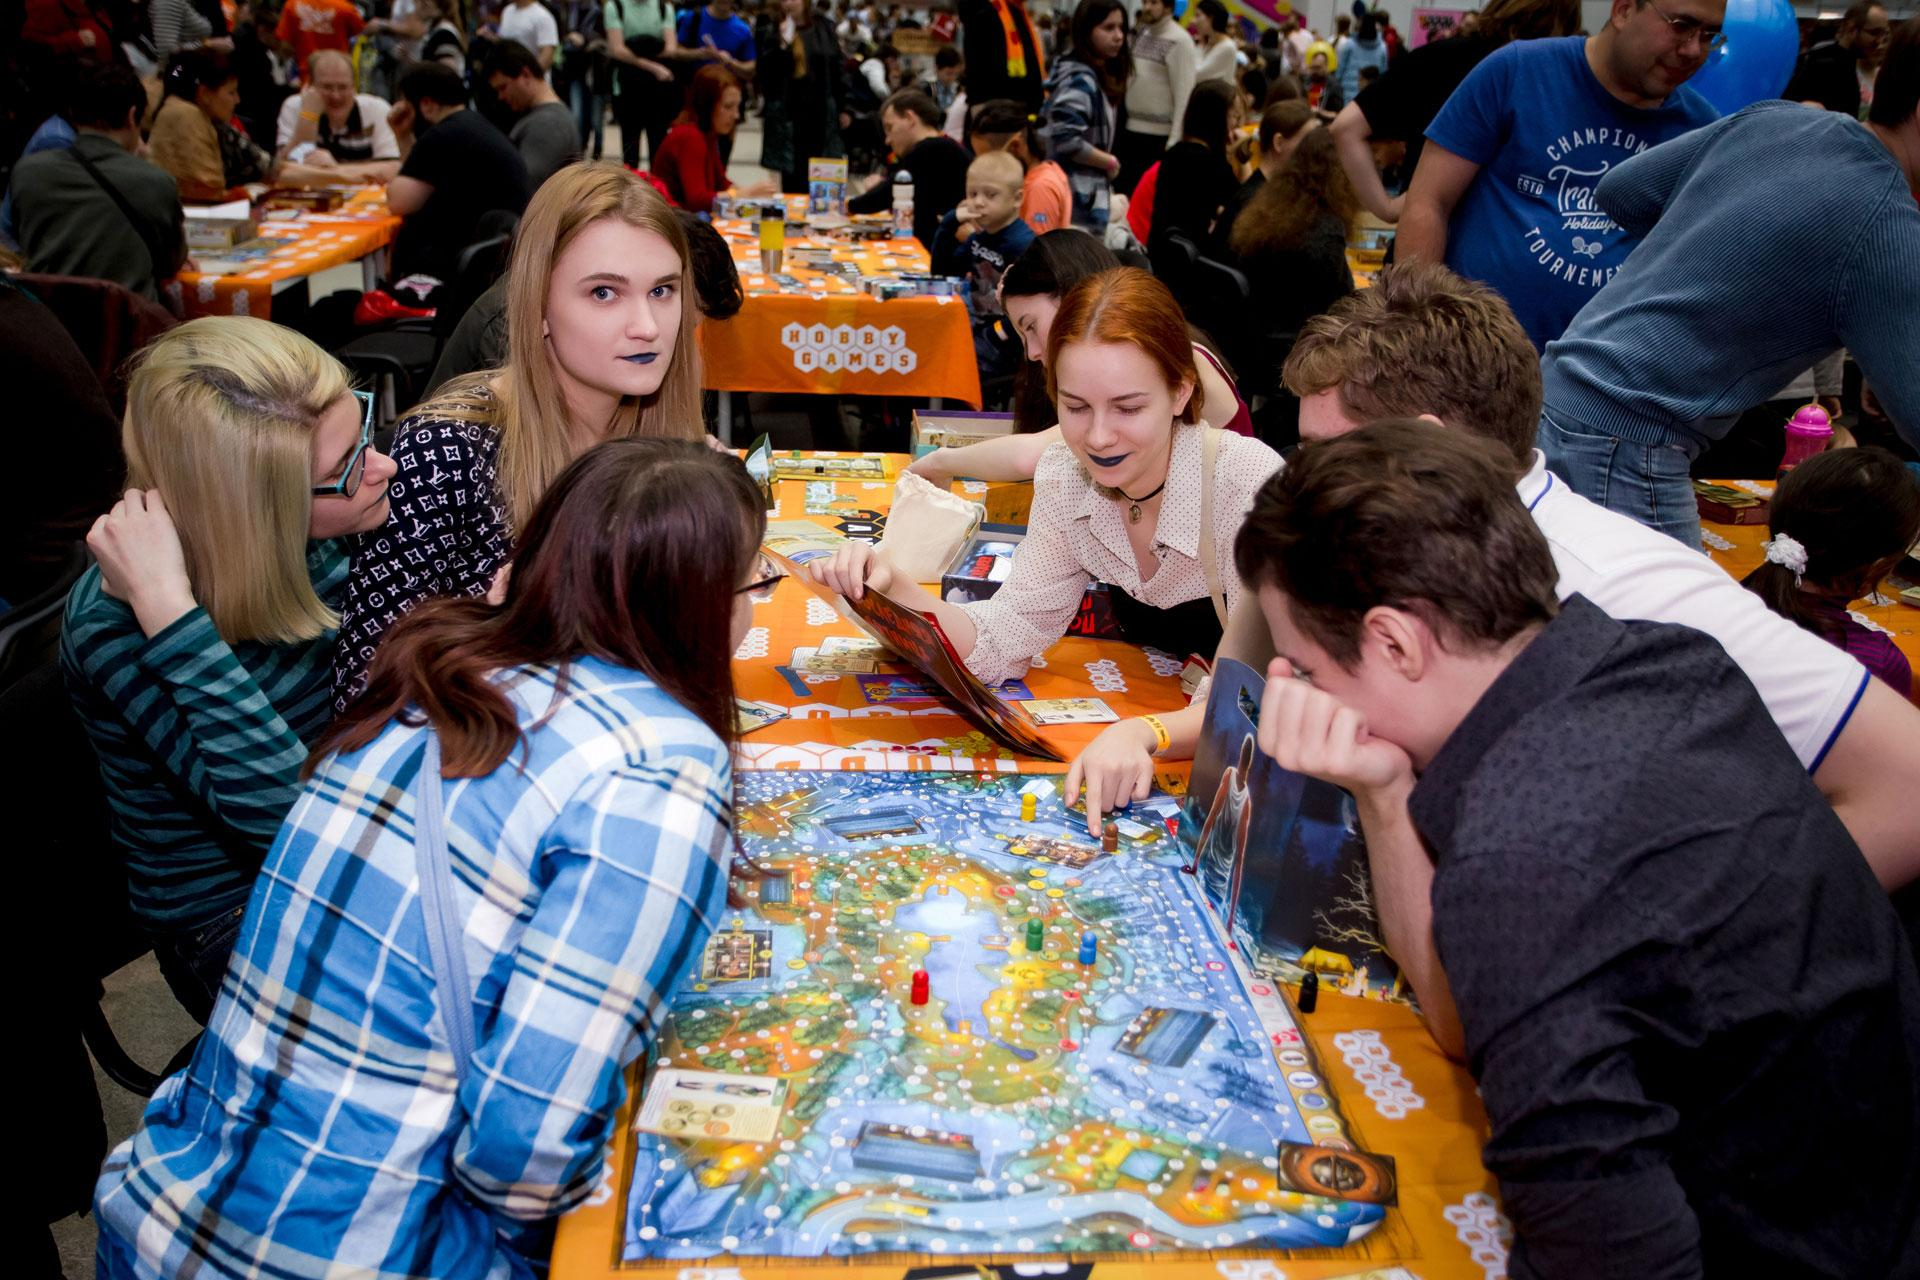 Игры настол! Отмечаем Международный день настольных игр всей Россией